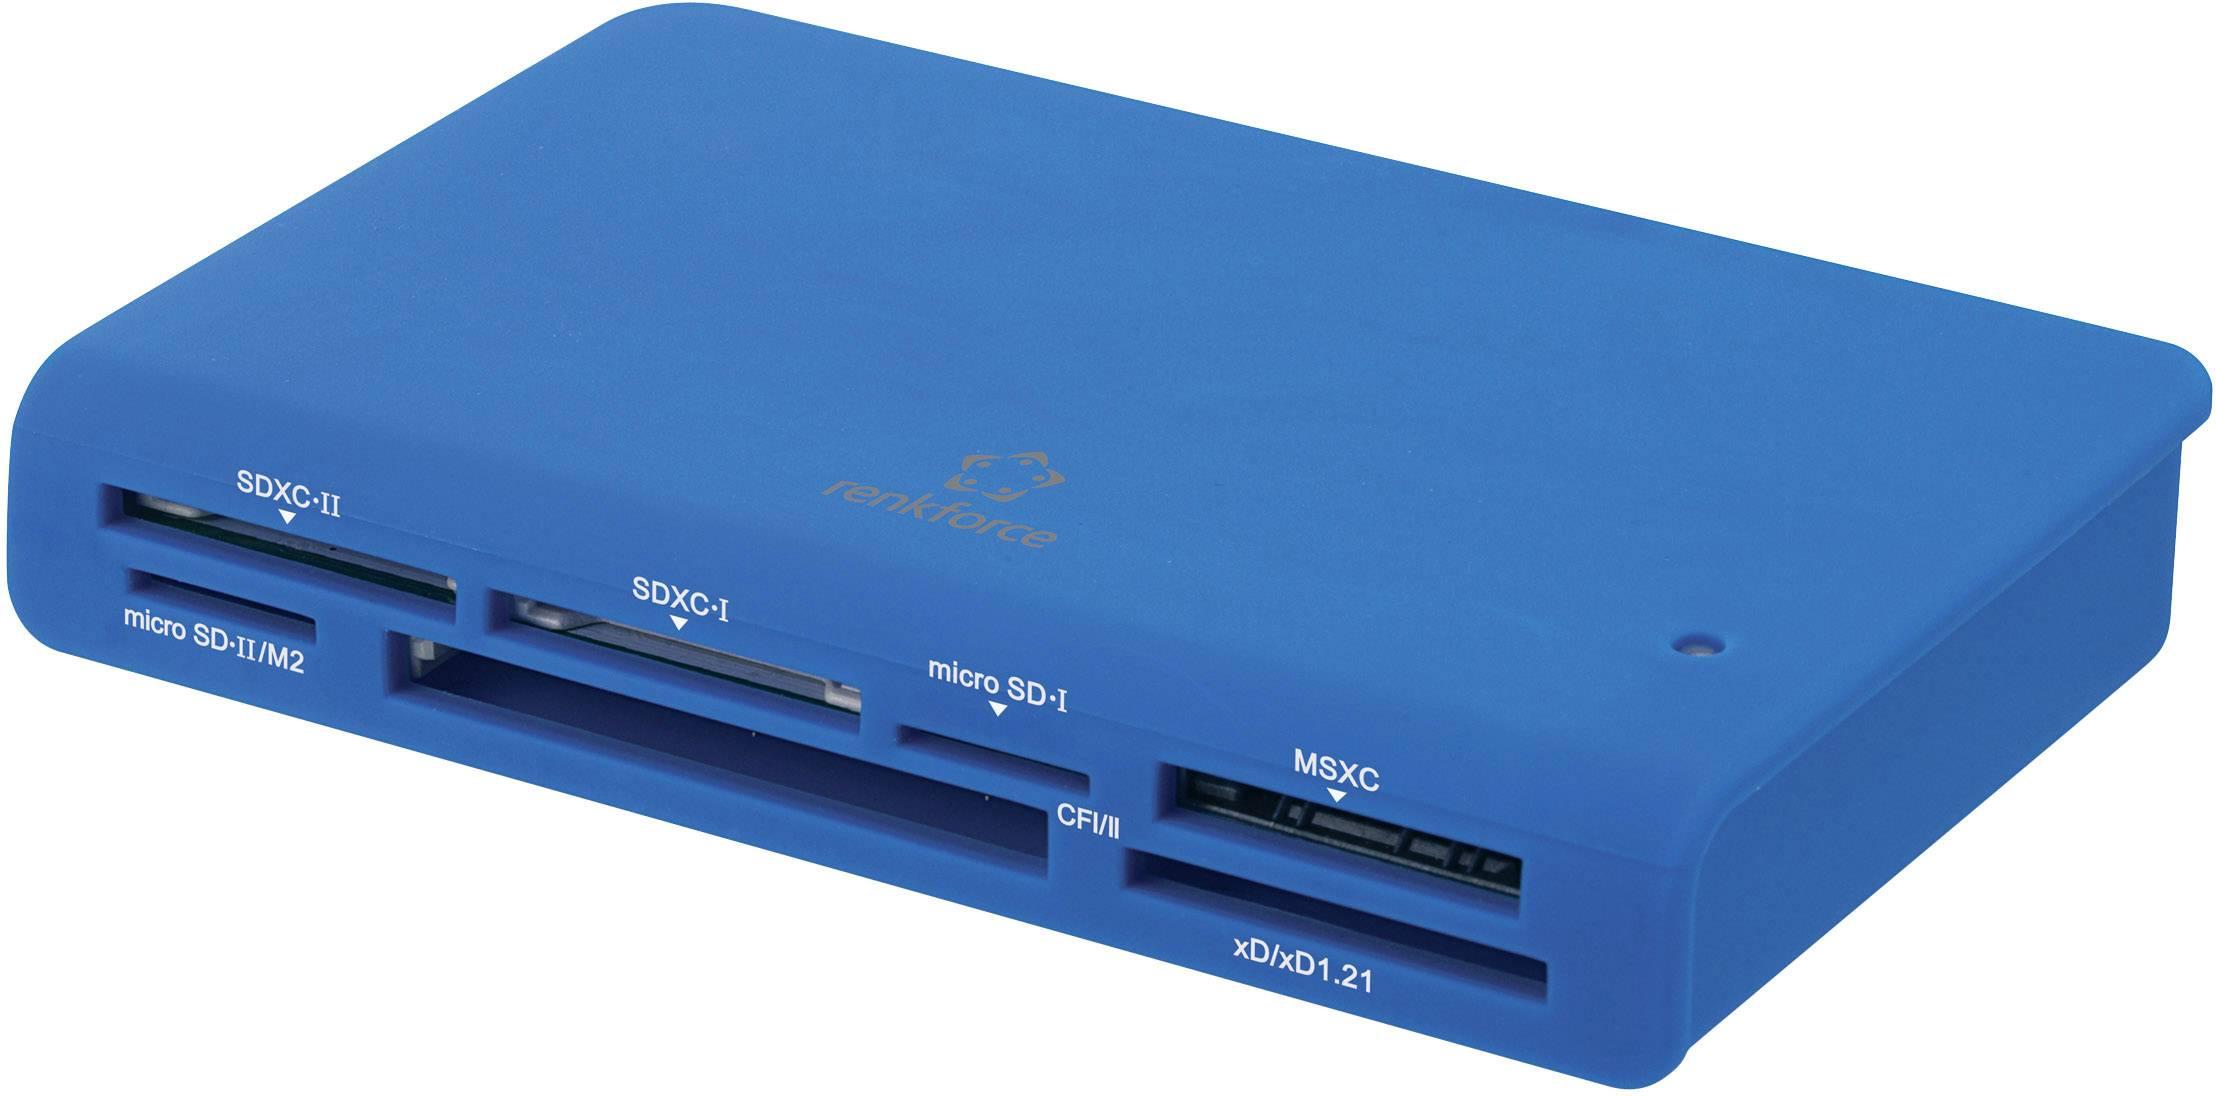 Externá čítačka pamäťových kariet Renkforce CR24-G, USB 3.0, modrá